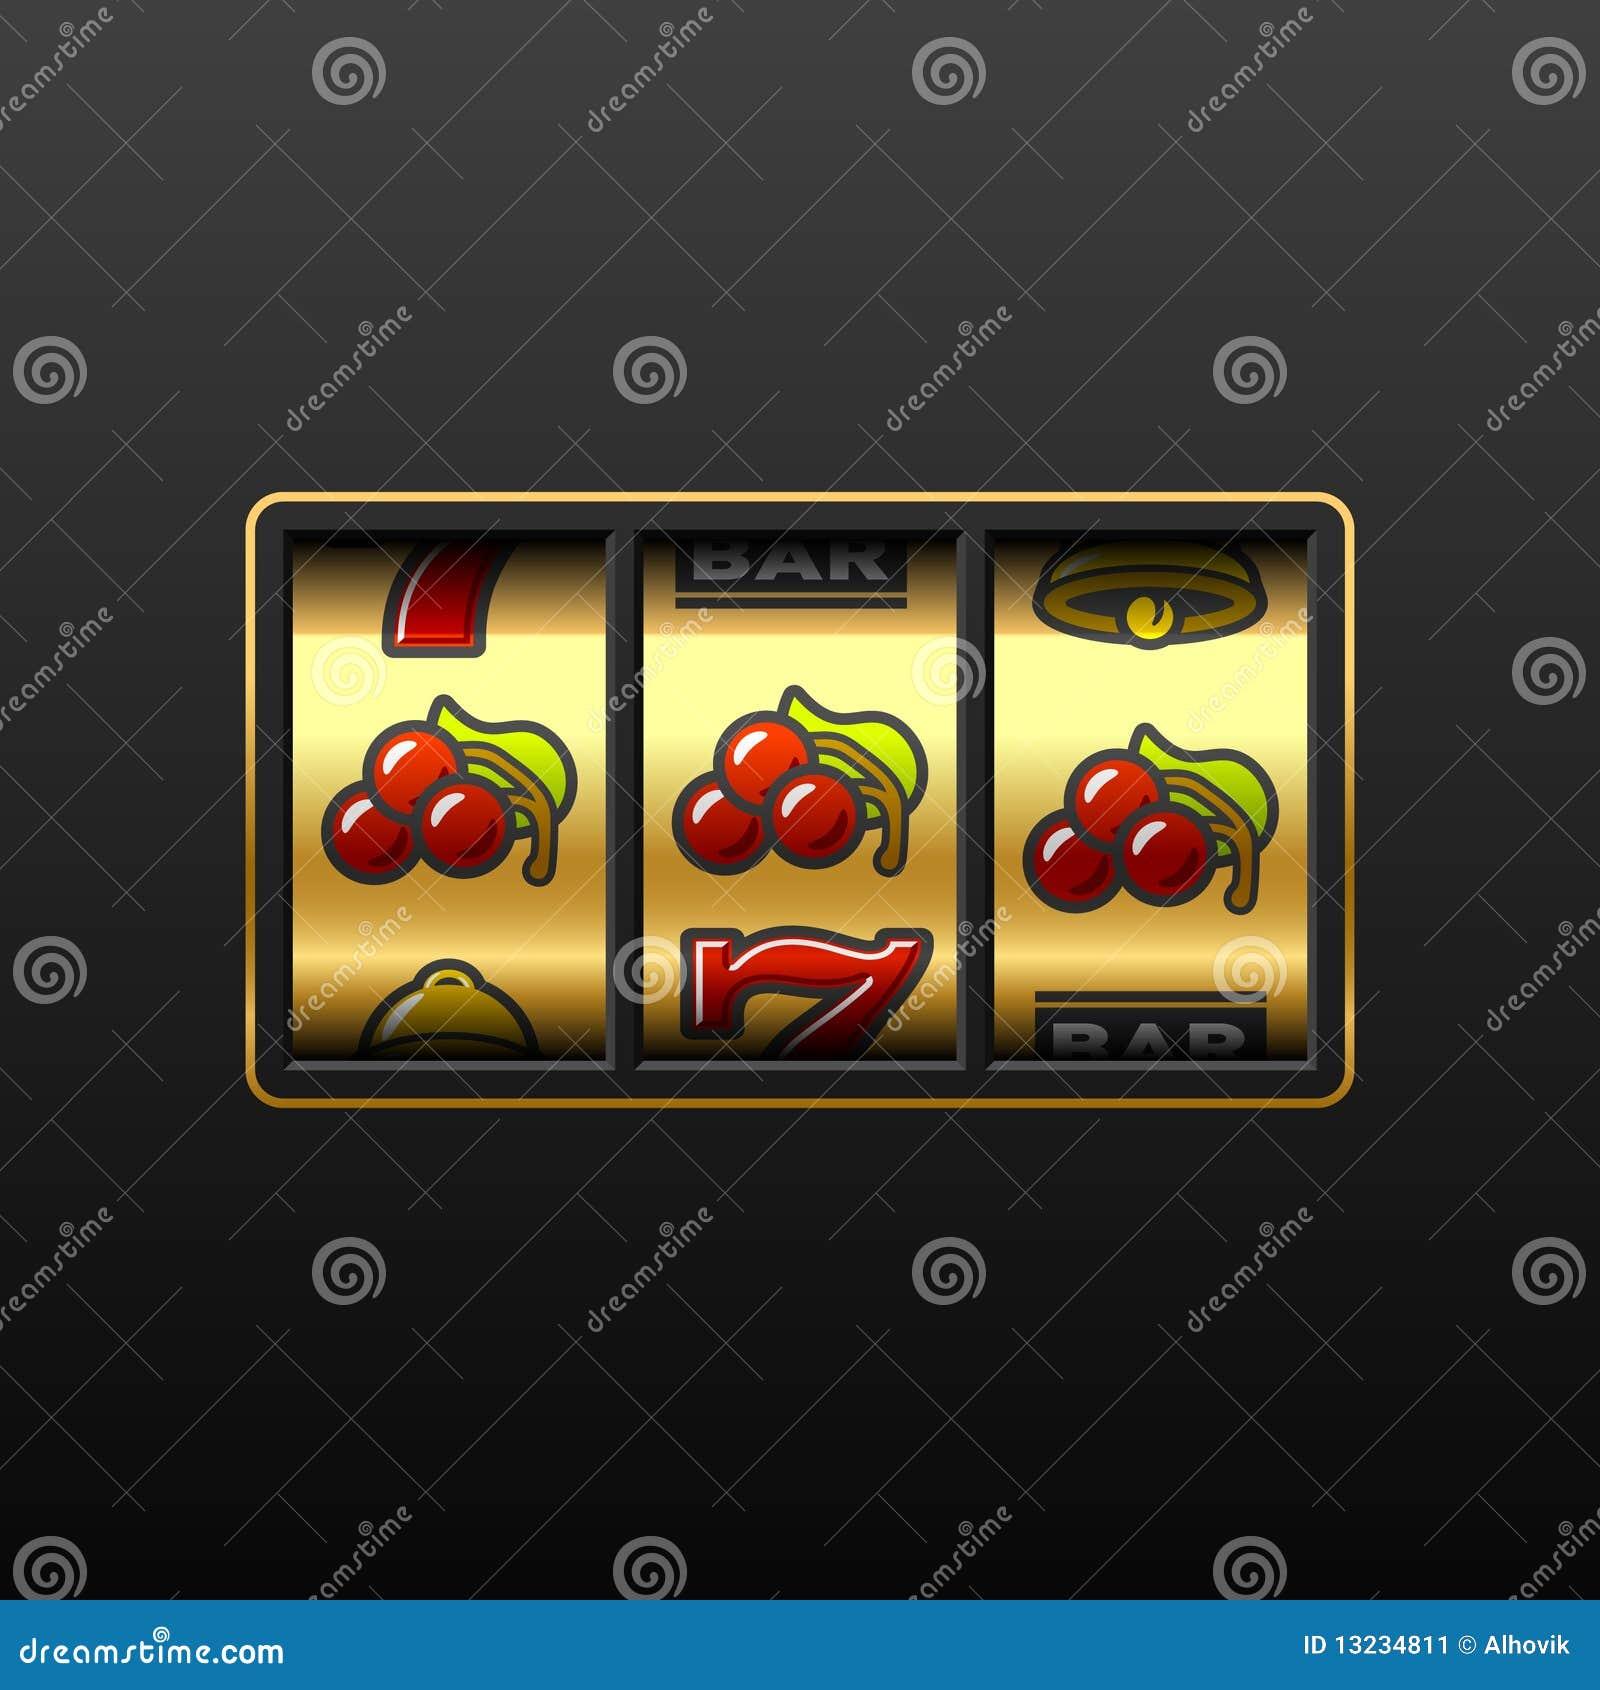 how to the winning slot machine